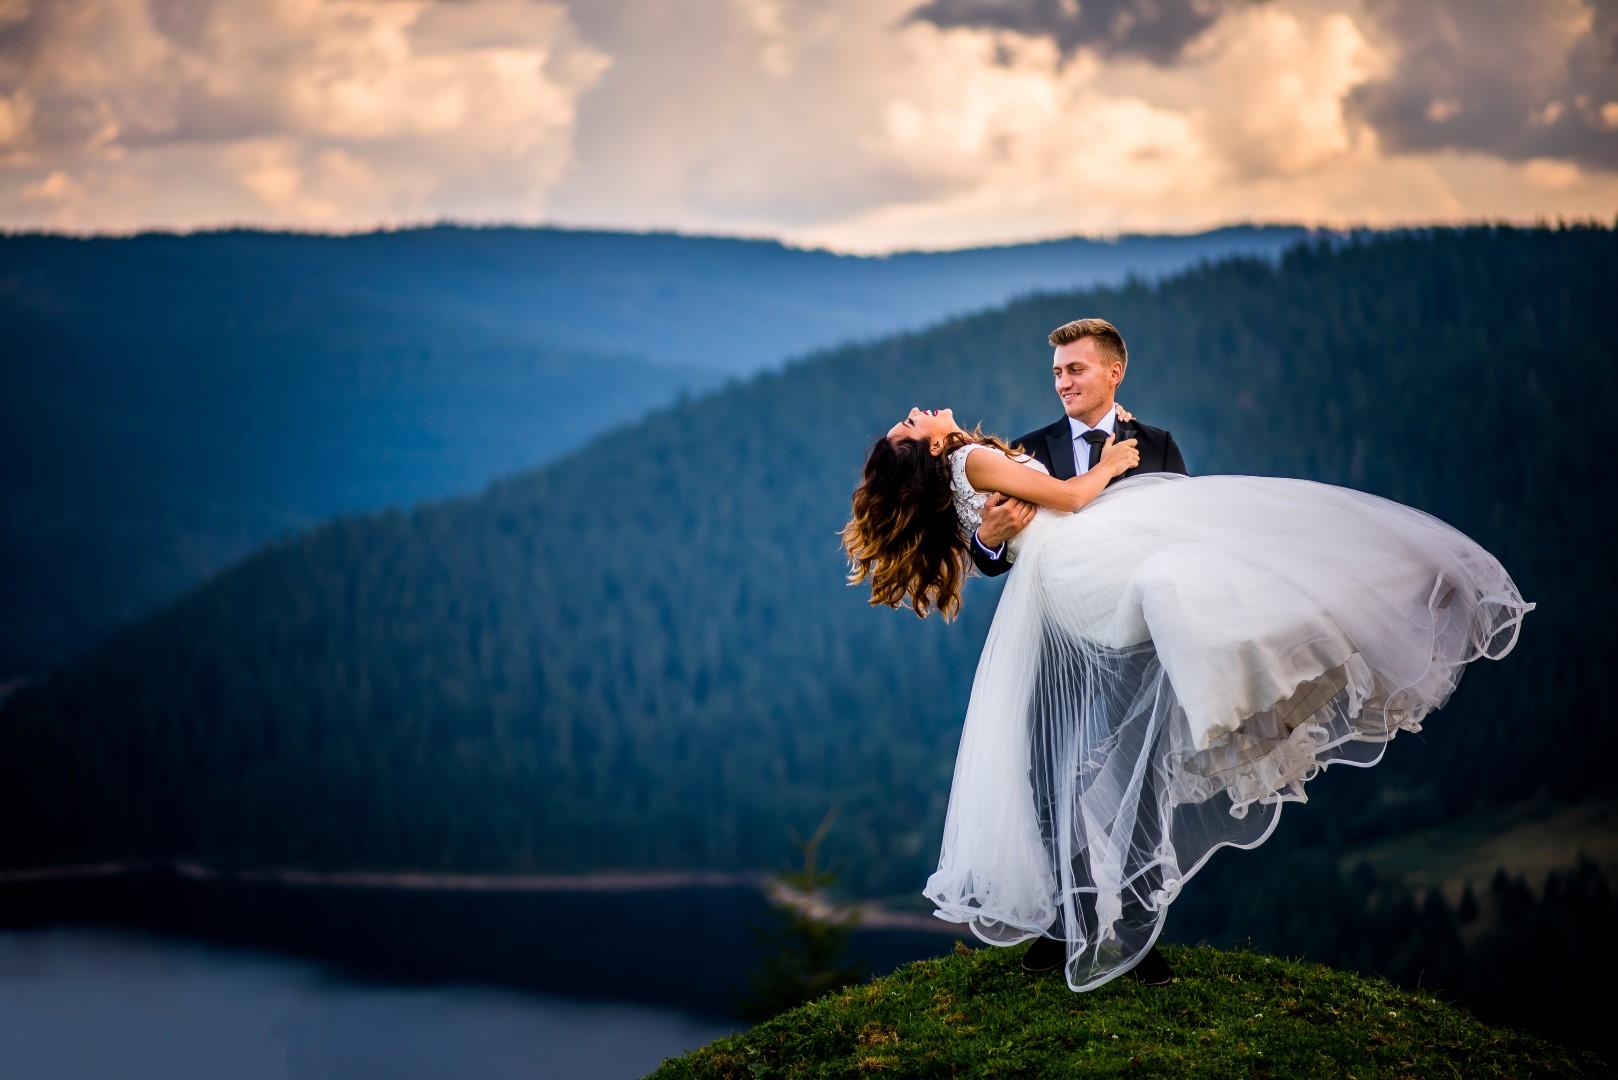 Da studio fotografi de nunta Cluj TTD Iulia & Tibi-20 (Large)